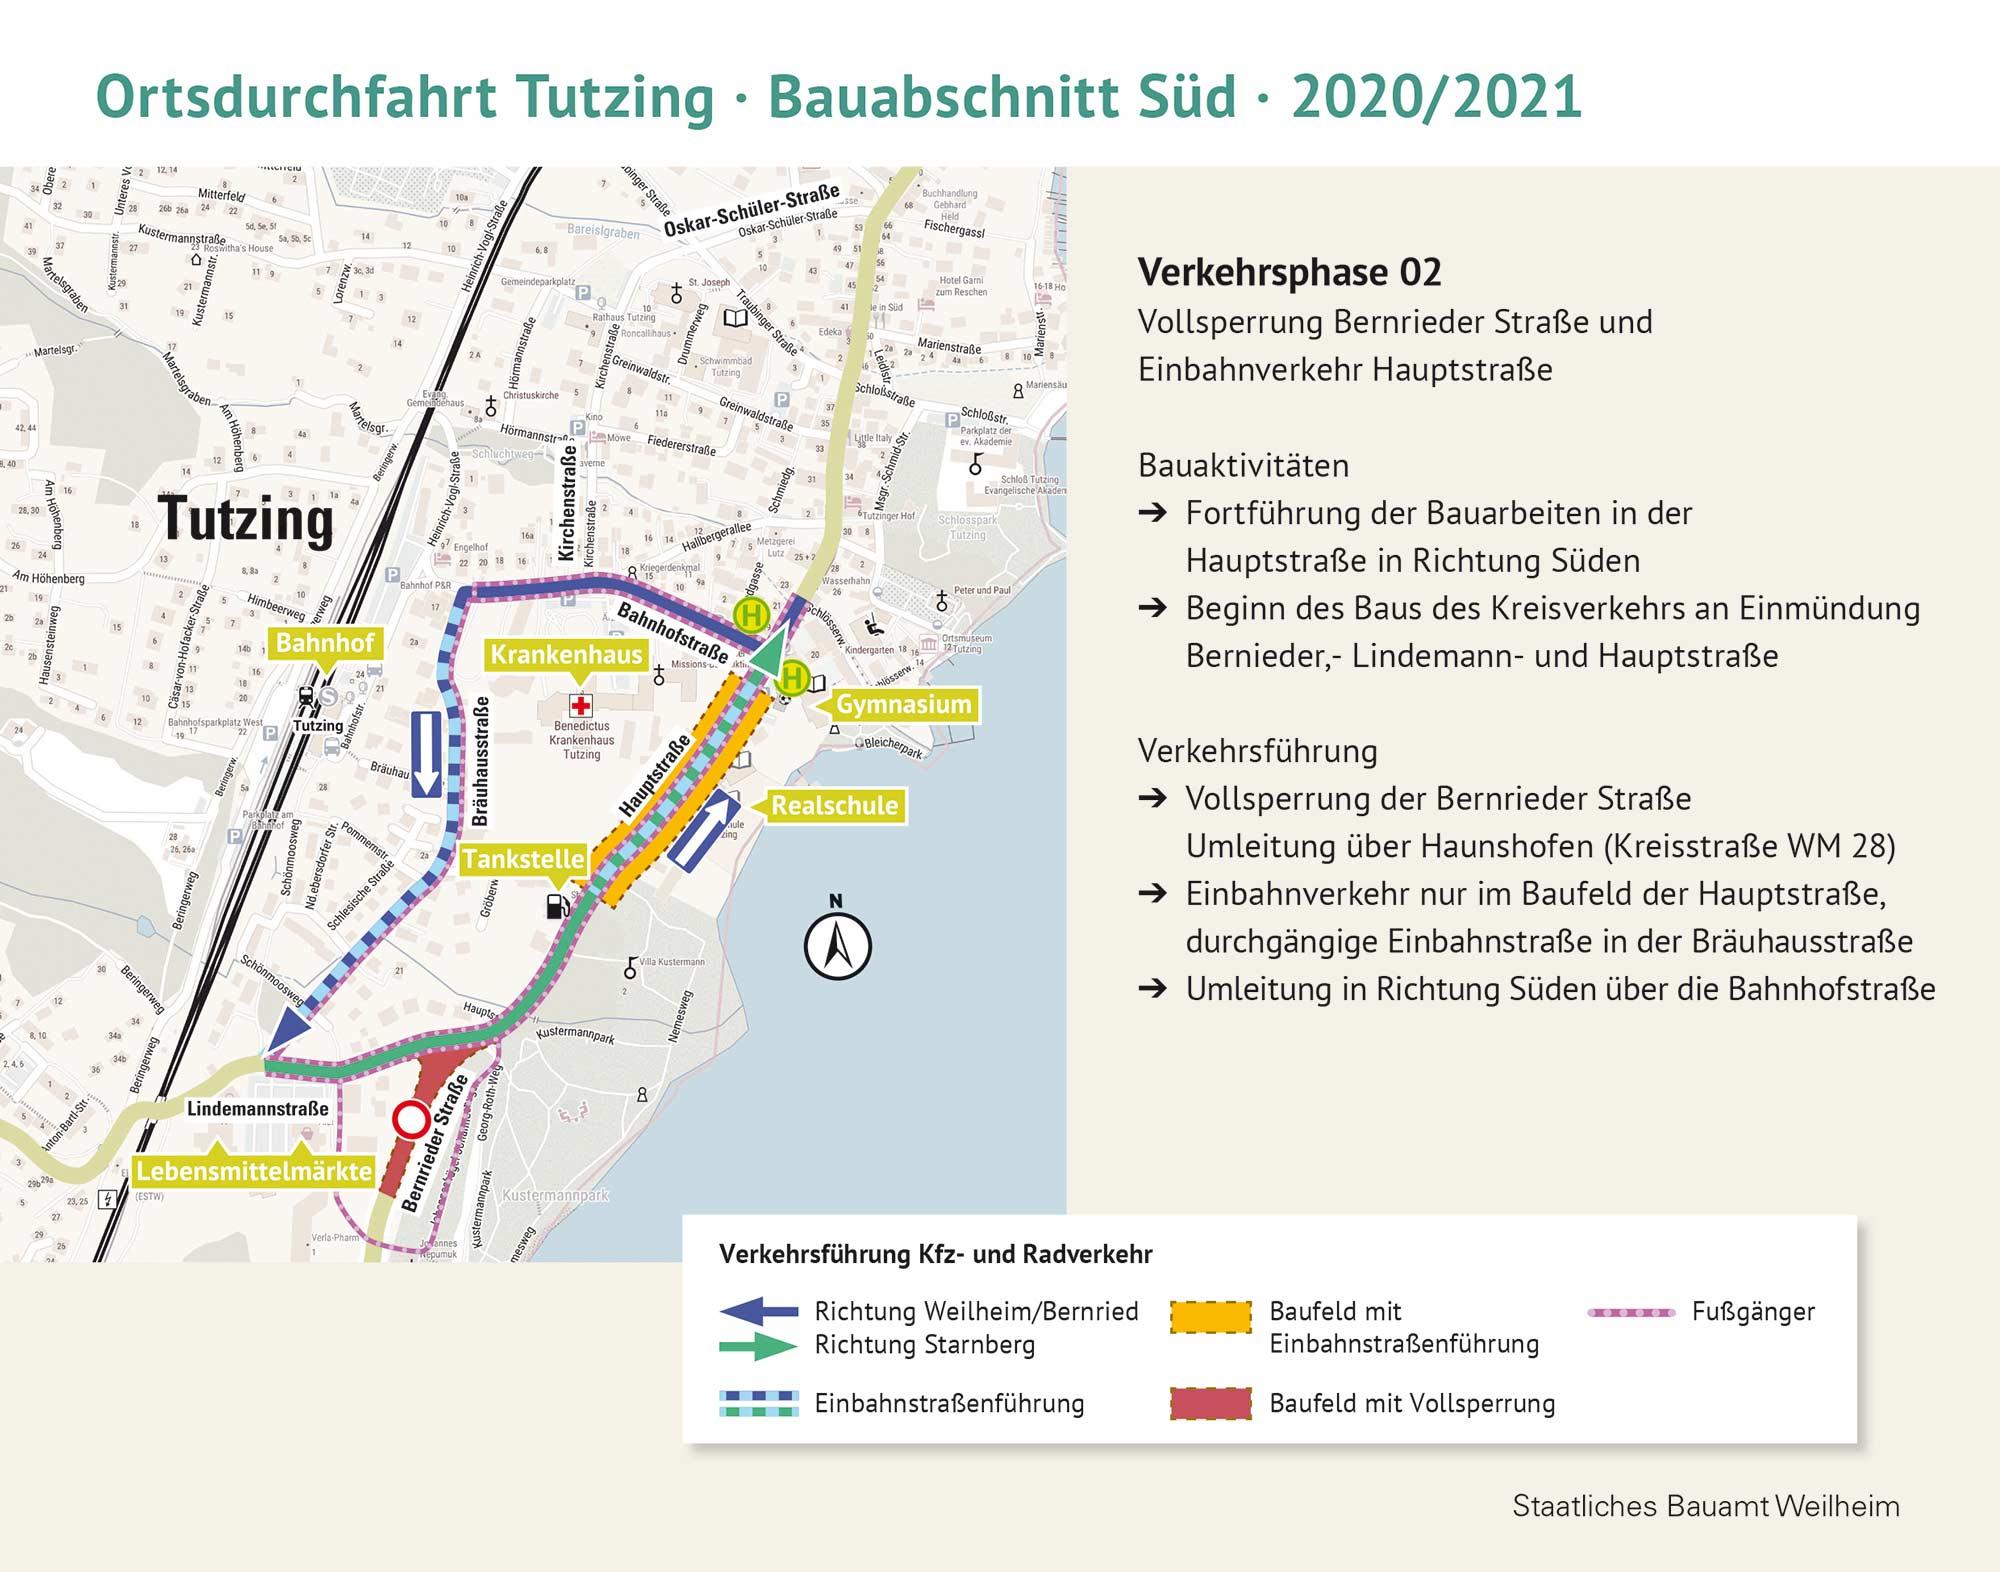 Bauabschnitt-Sued-Verkehrsphase-2